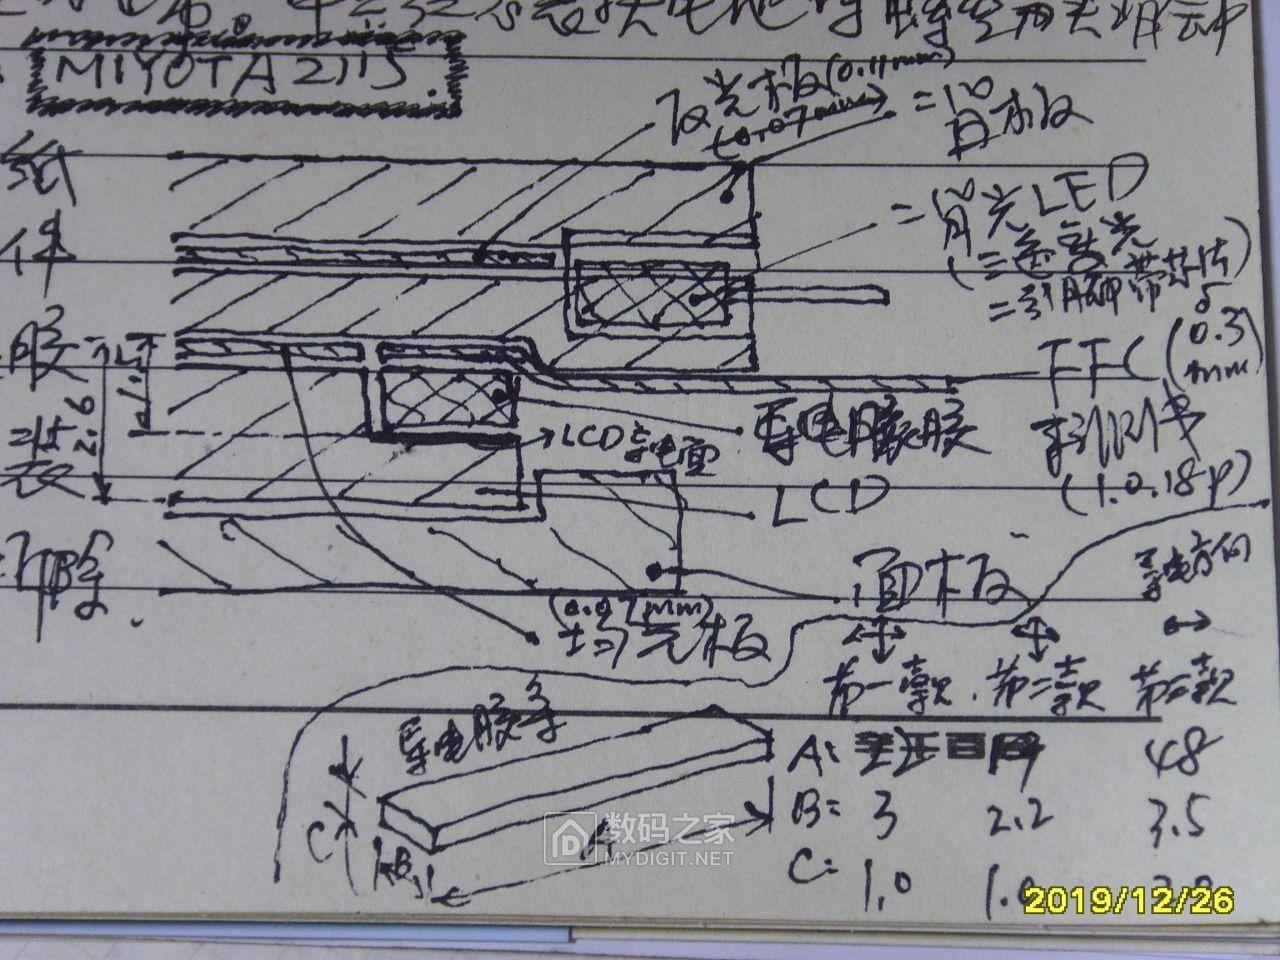 手绘的LCD组件层结构图,不很清晰,对付看吧。